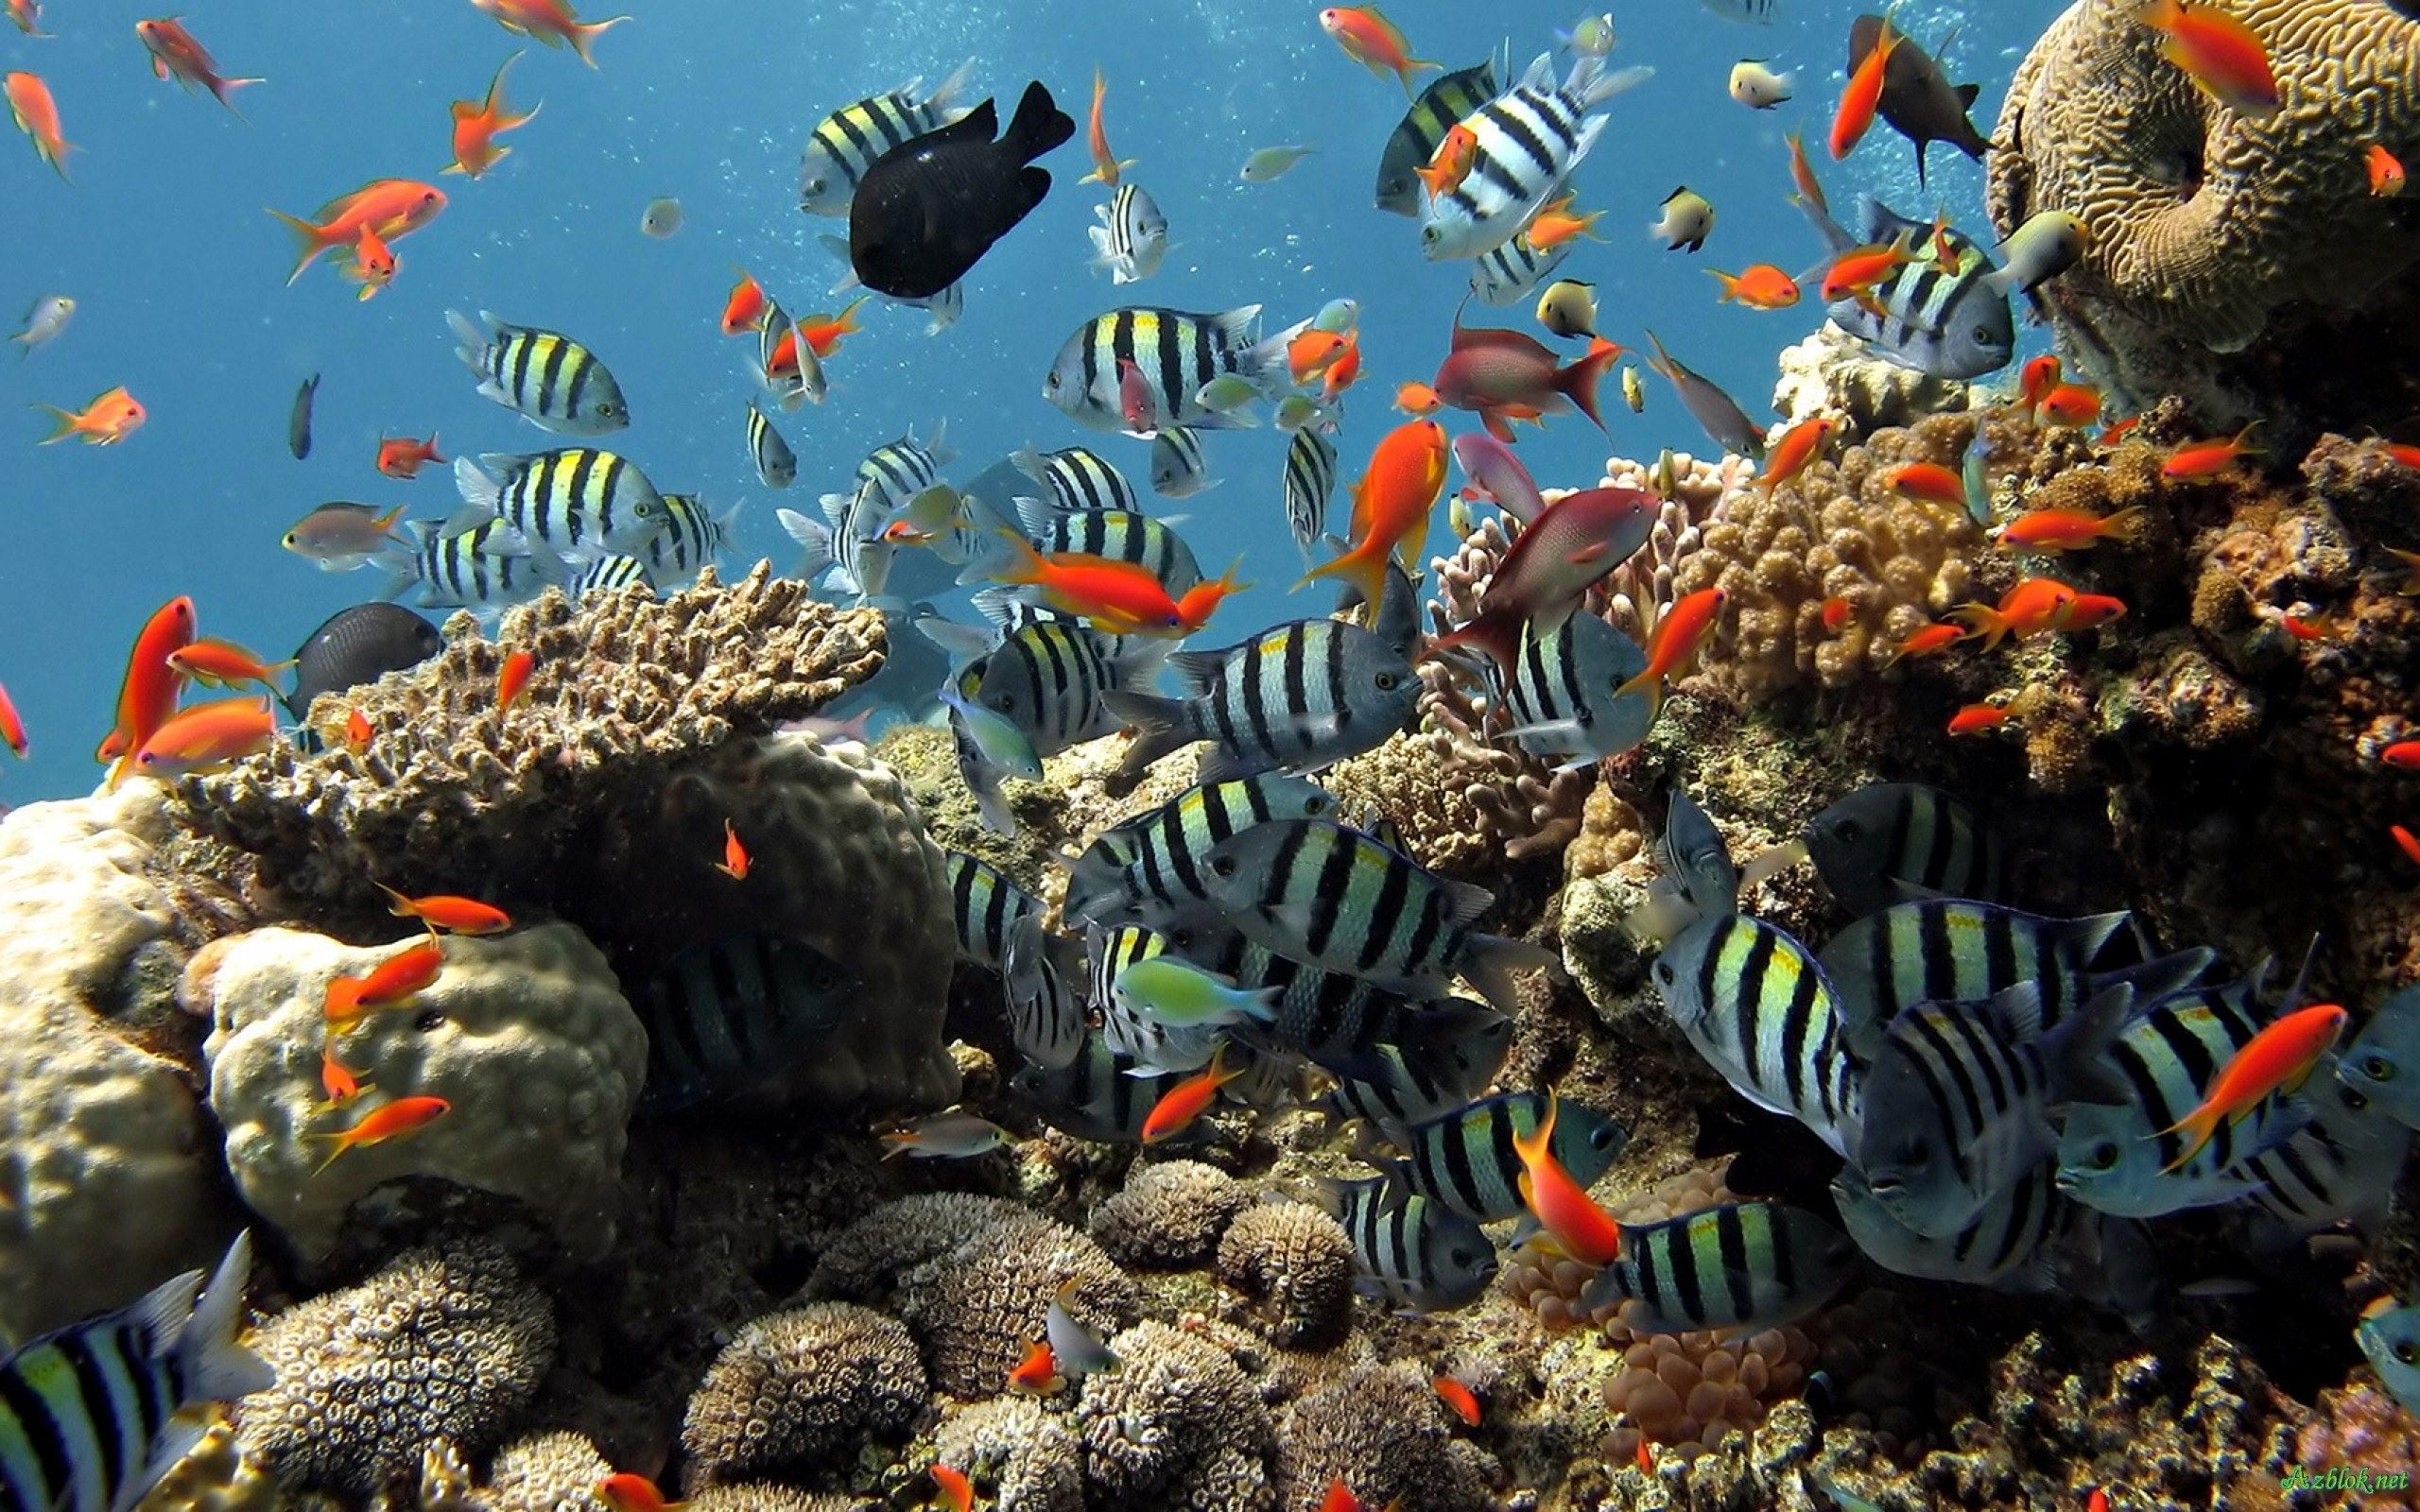 Aquarium Backgrounds (PC, Mobile, Gadgets) Compatible | px